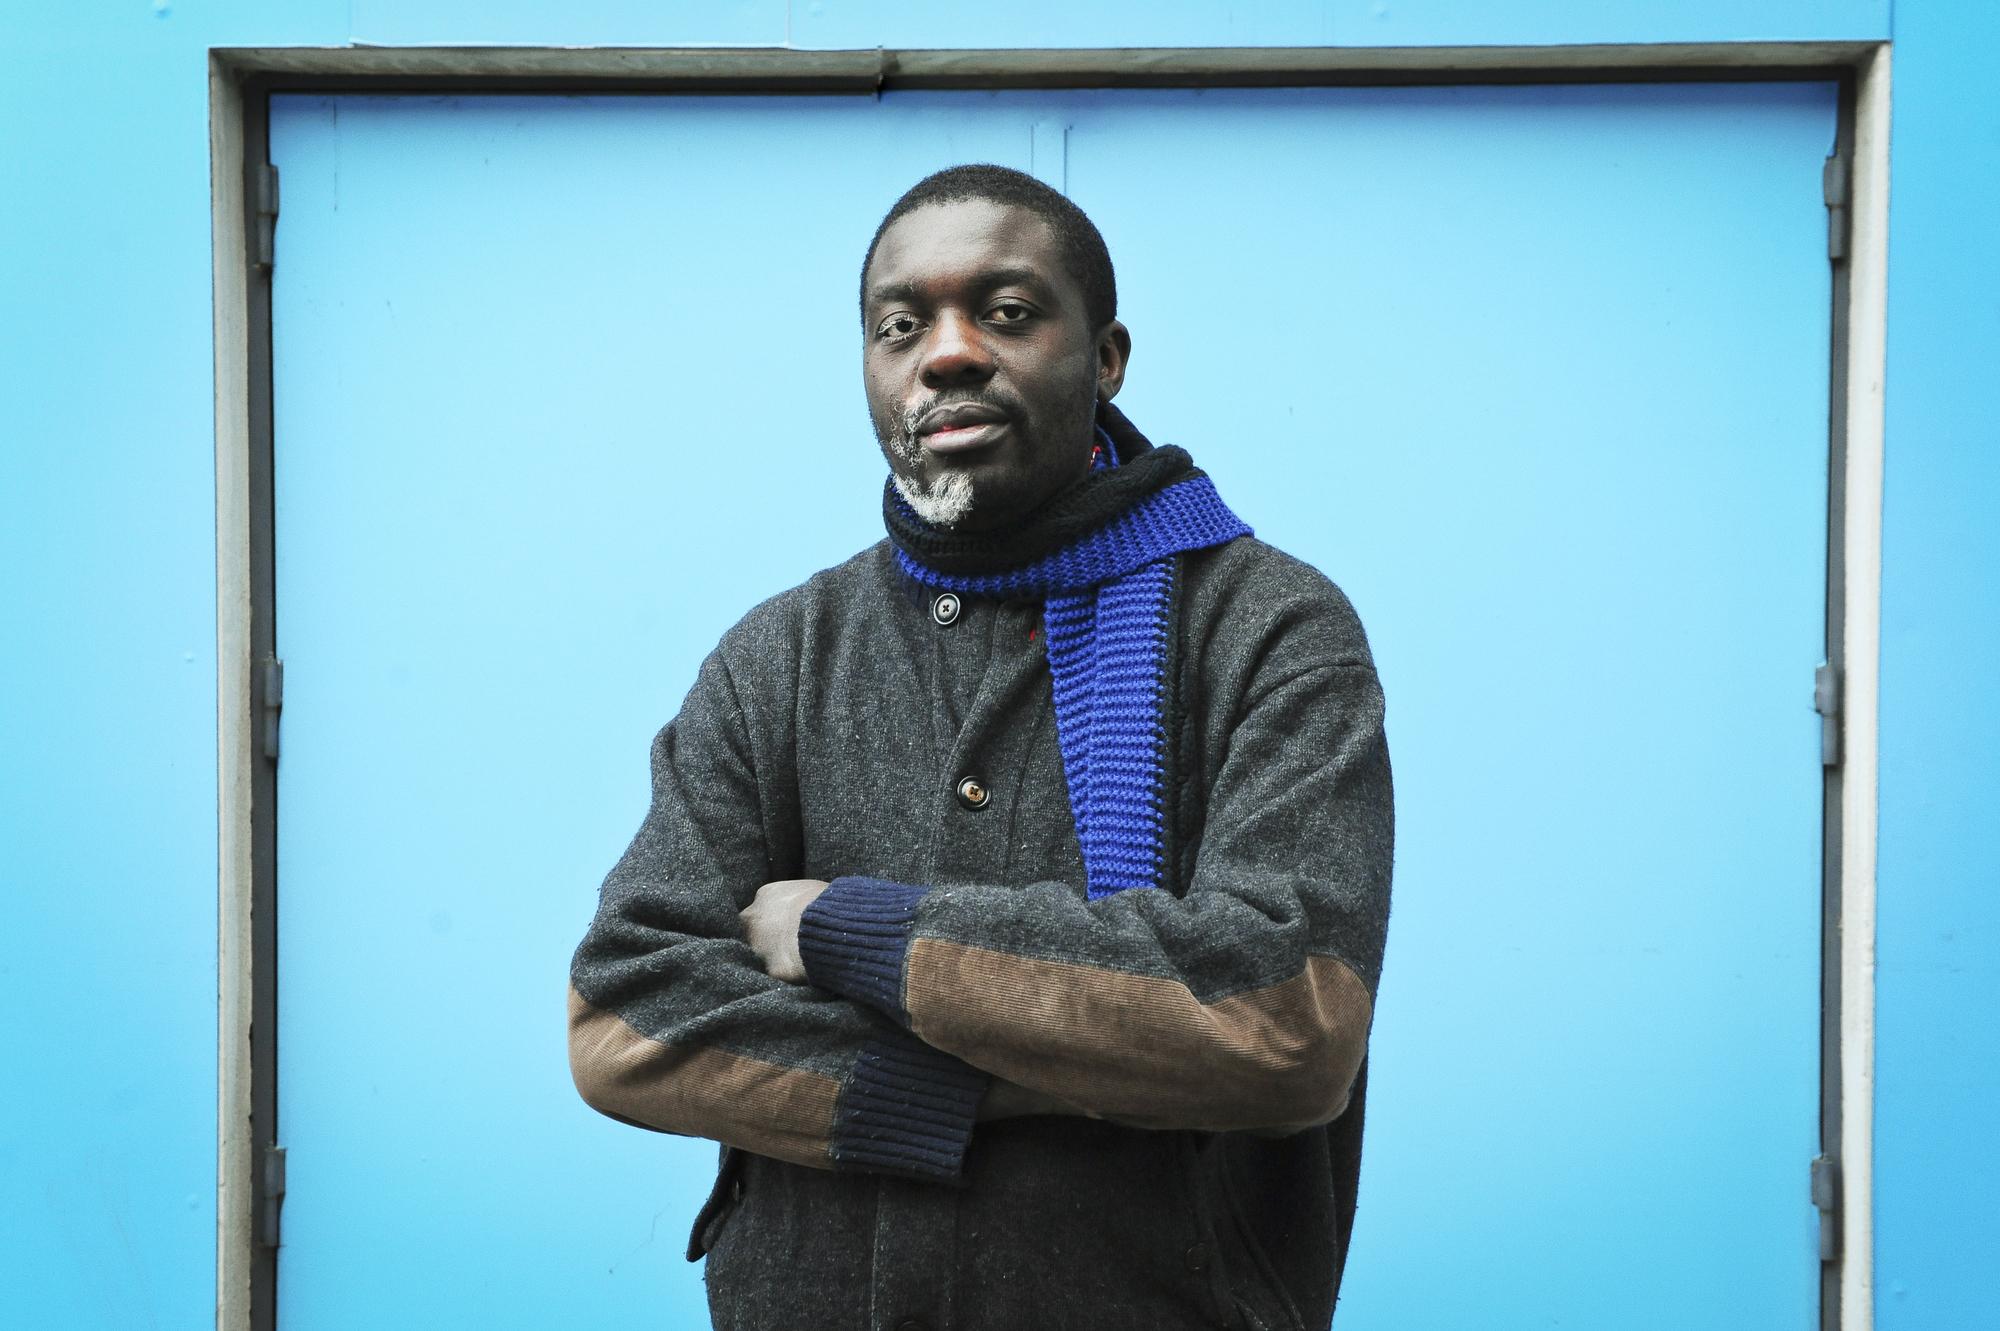 Jean-Jacques Lumumba Luviya (Congo - RDC), neveu de Patrice Lumumba, ancien cadre la BGFI, lanceur d'alerte. En région parisienne le 20 décembre 2016